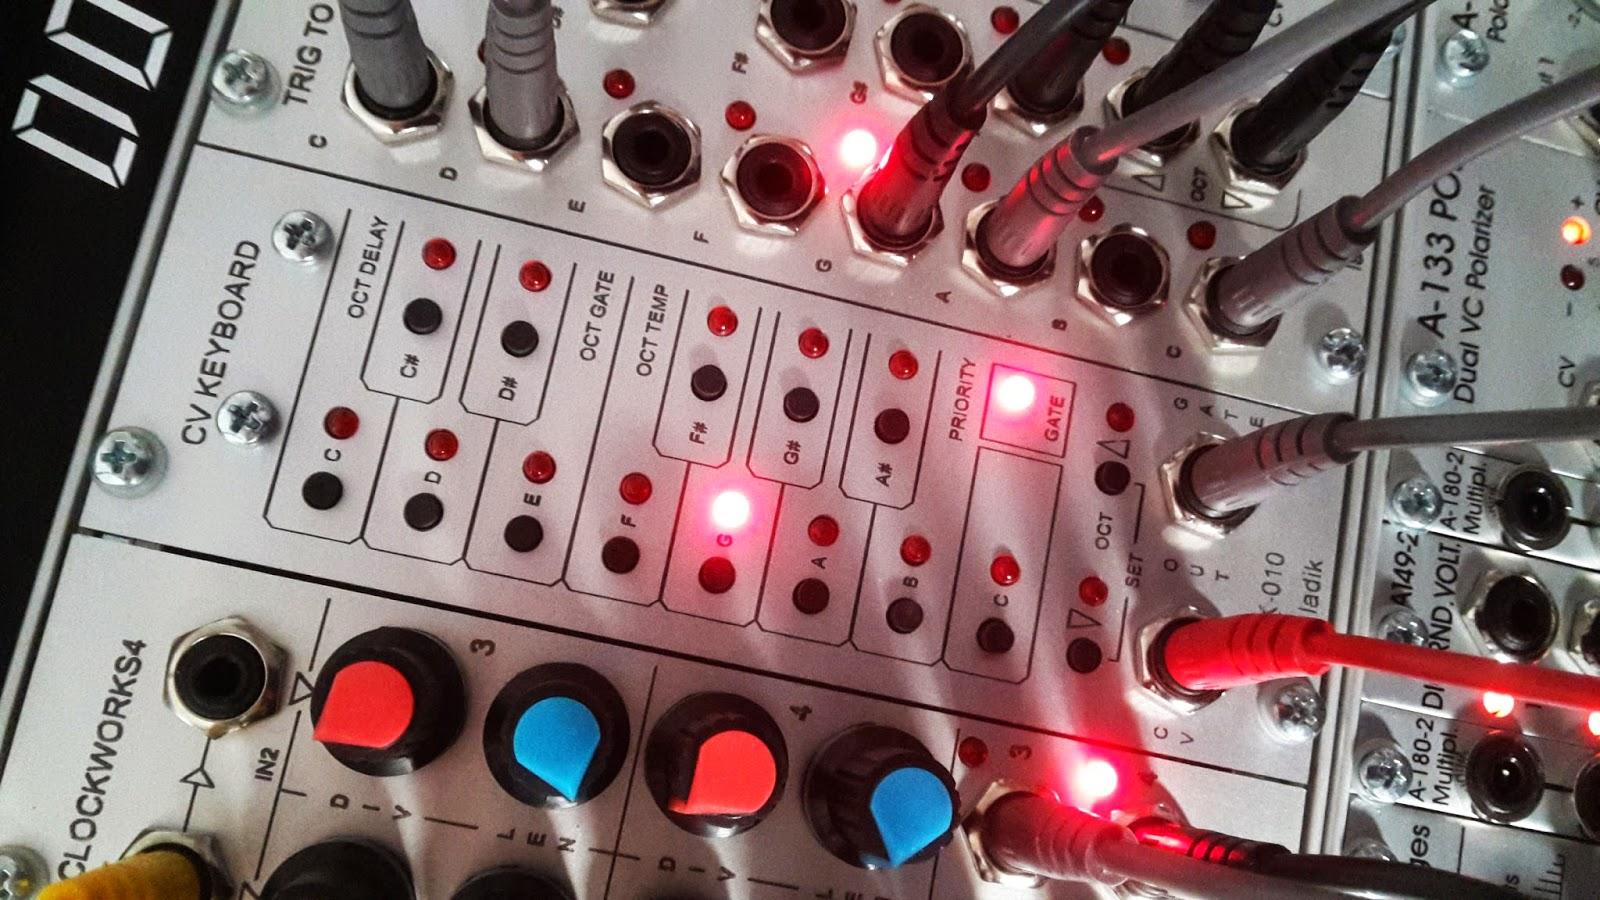 Ladik K-010 CV Keyboard